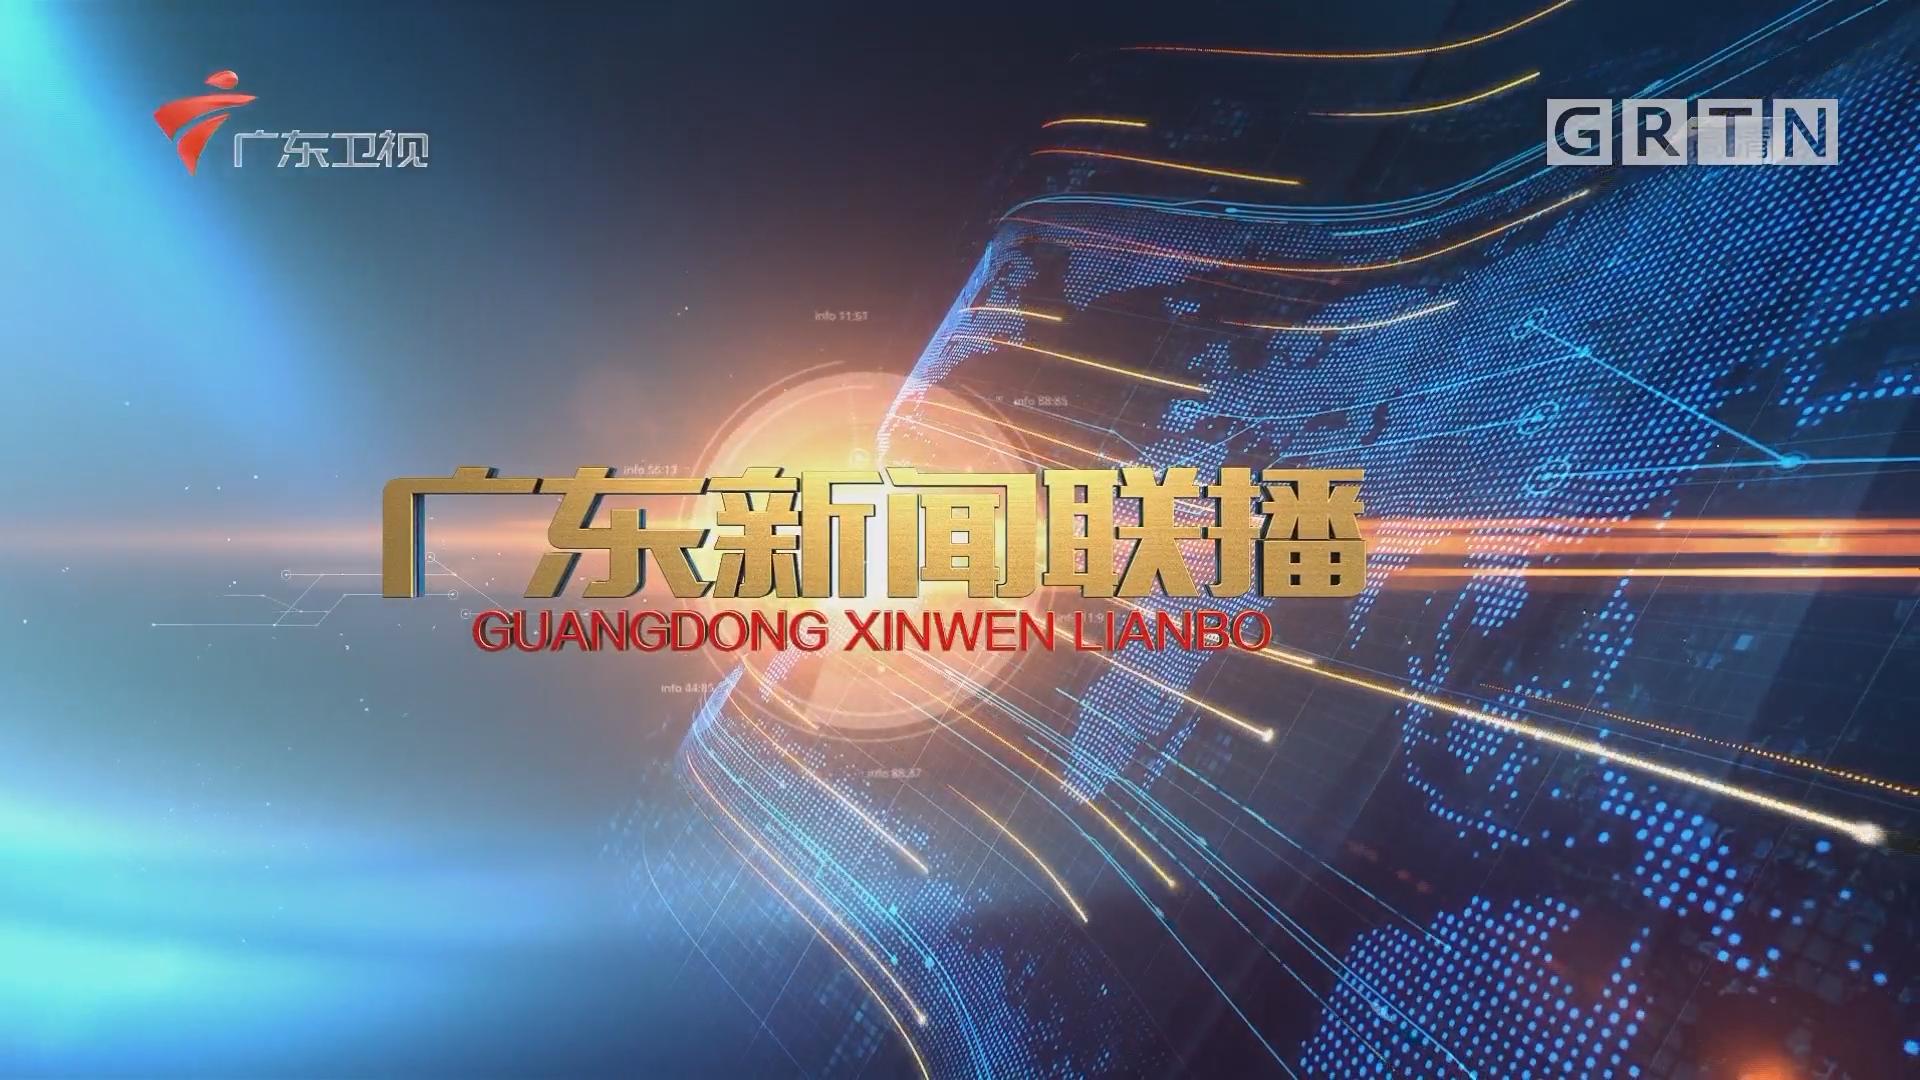 [HD][2018-08-18]广东新闻联播:省委常委班子召开巡视整改专题民主生活会 李希主持会议